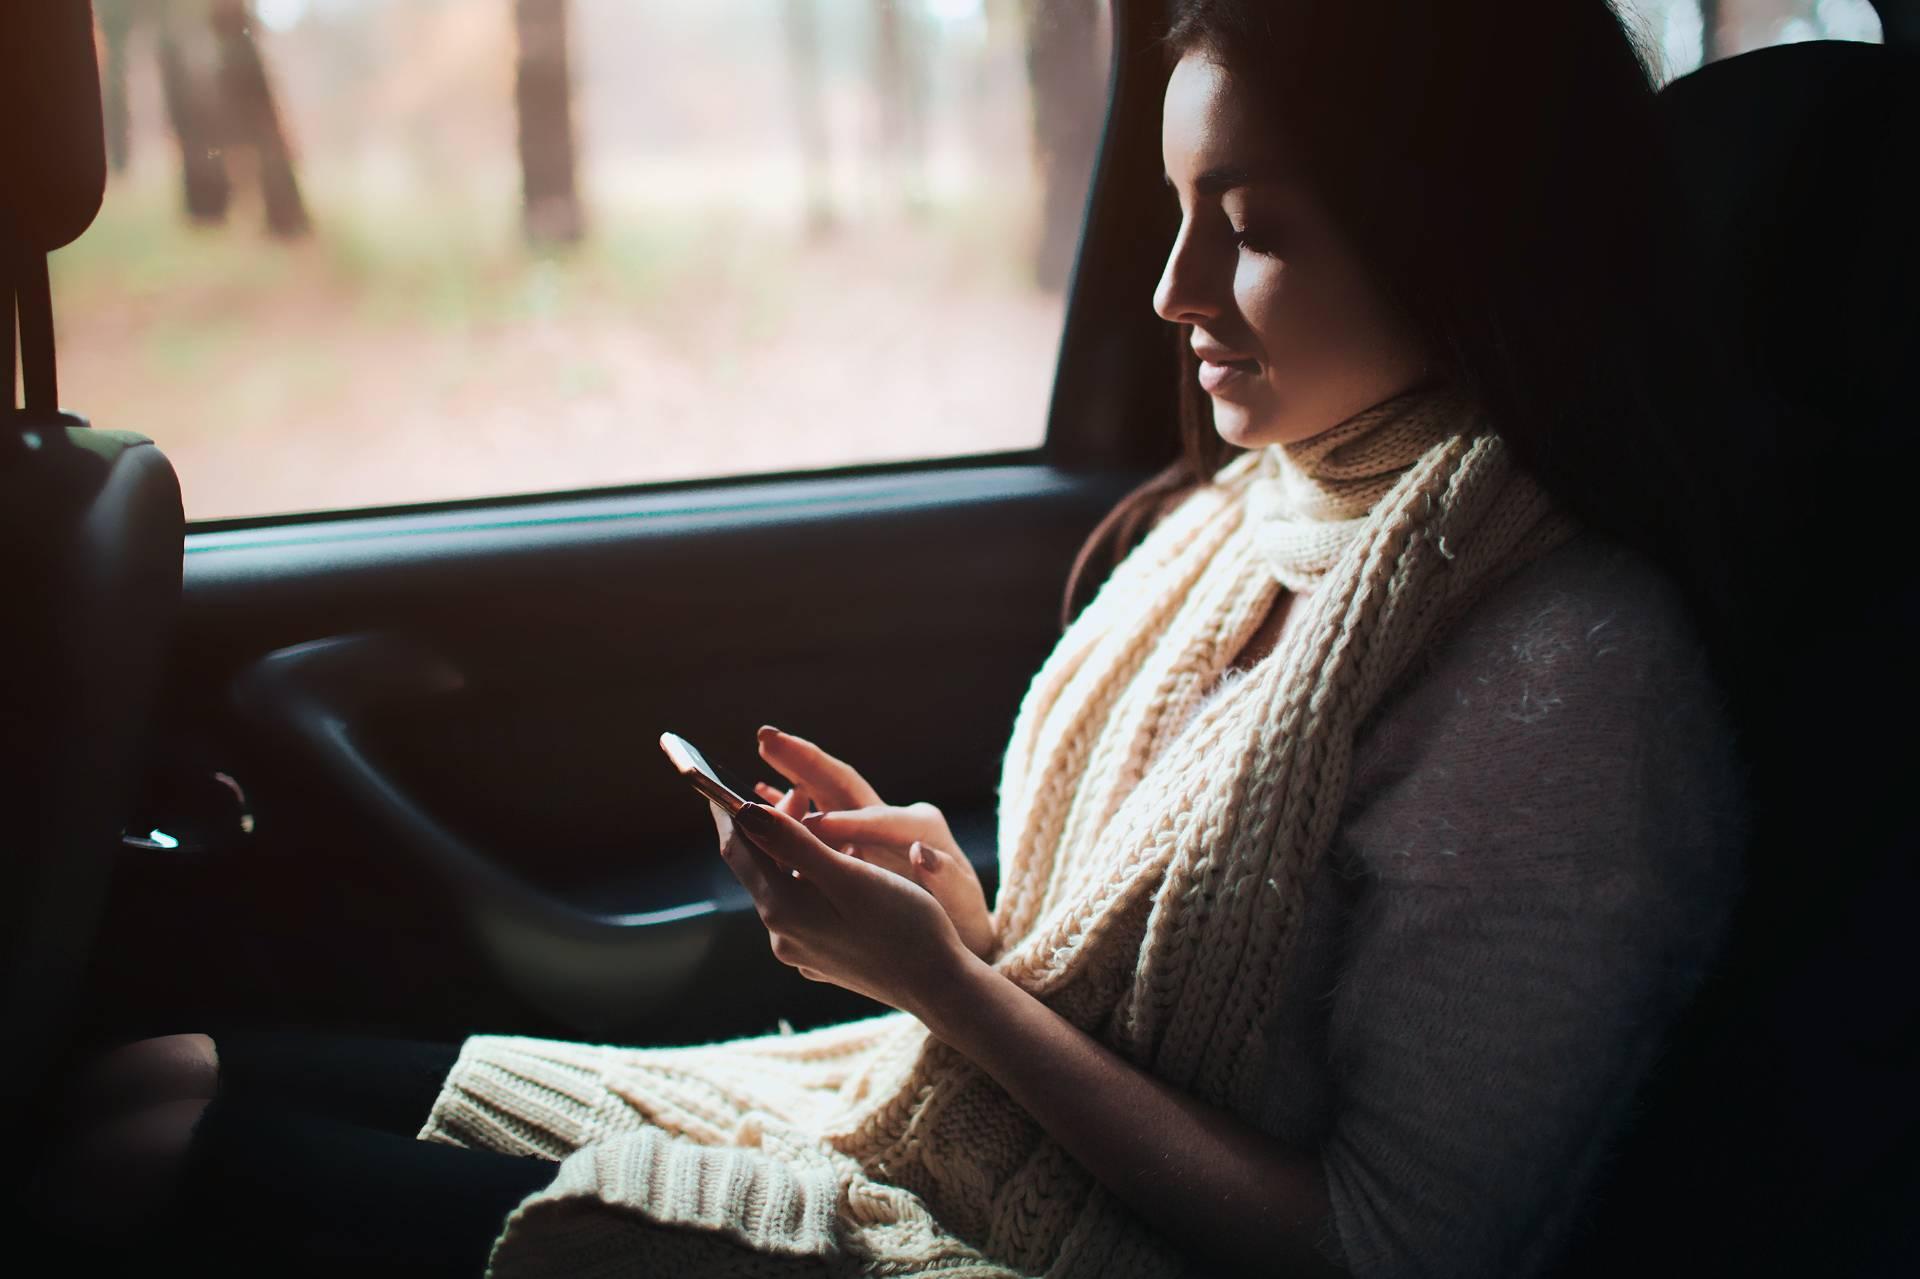 Опасная поездка. Эксперт рассказал, как девушкам защититься от таксистов-извращенцев